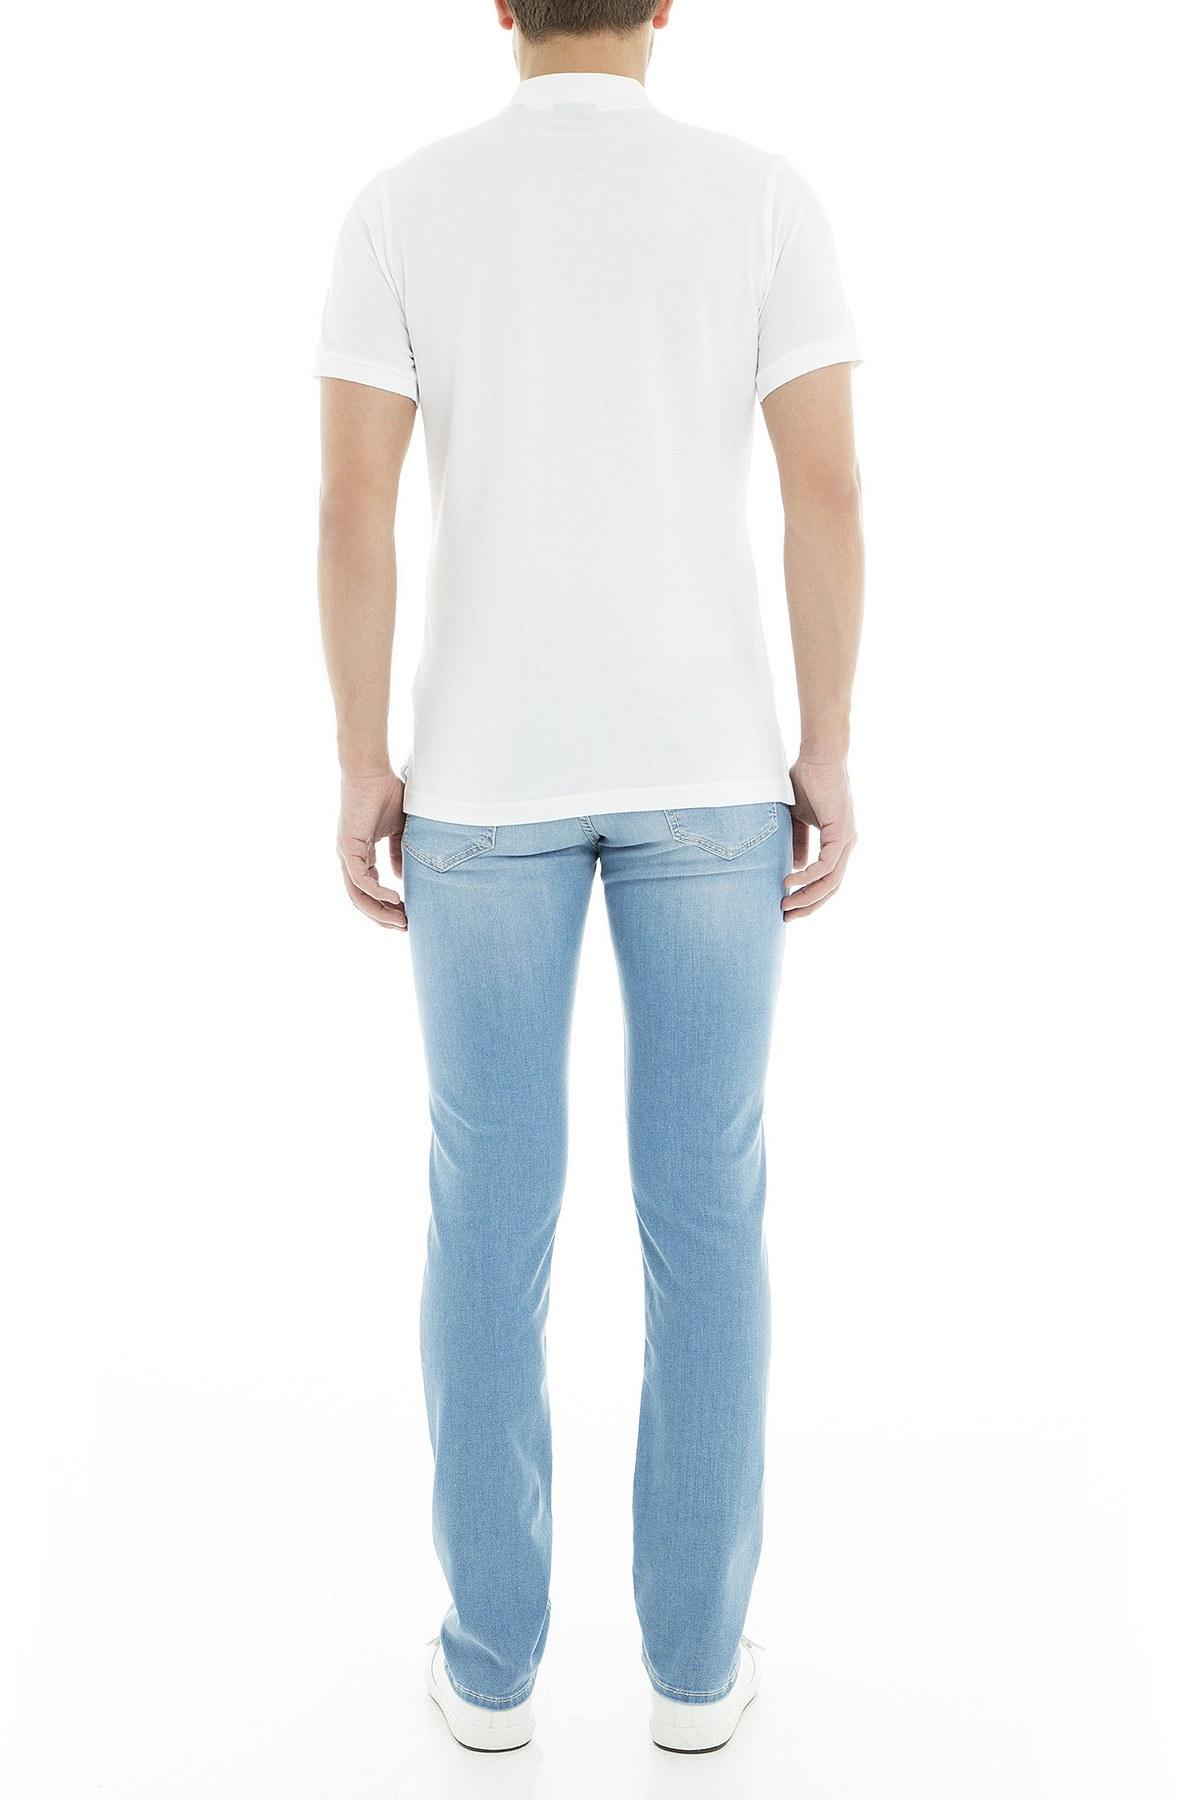 Jacob Cohen Jeans Erkek Kot Pantolon J62200515W3 C003 AÇIK MAVİ